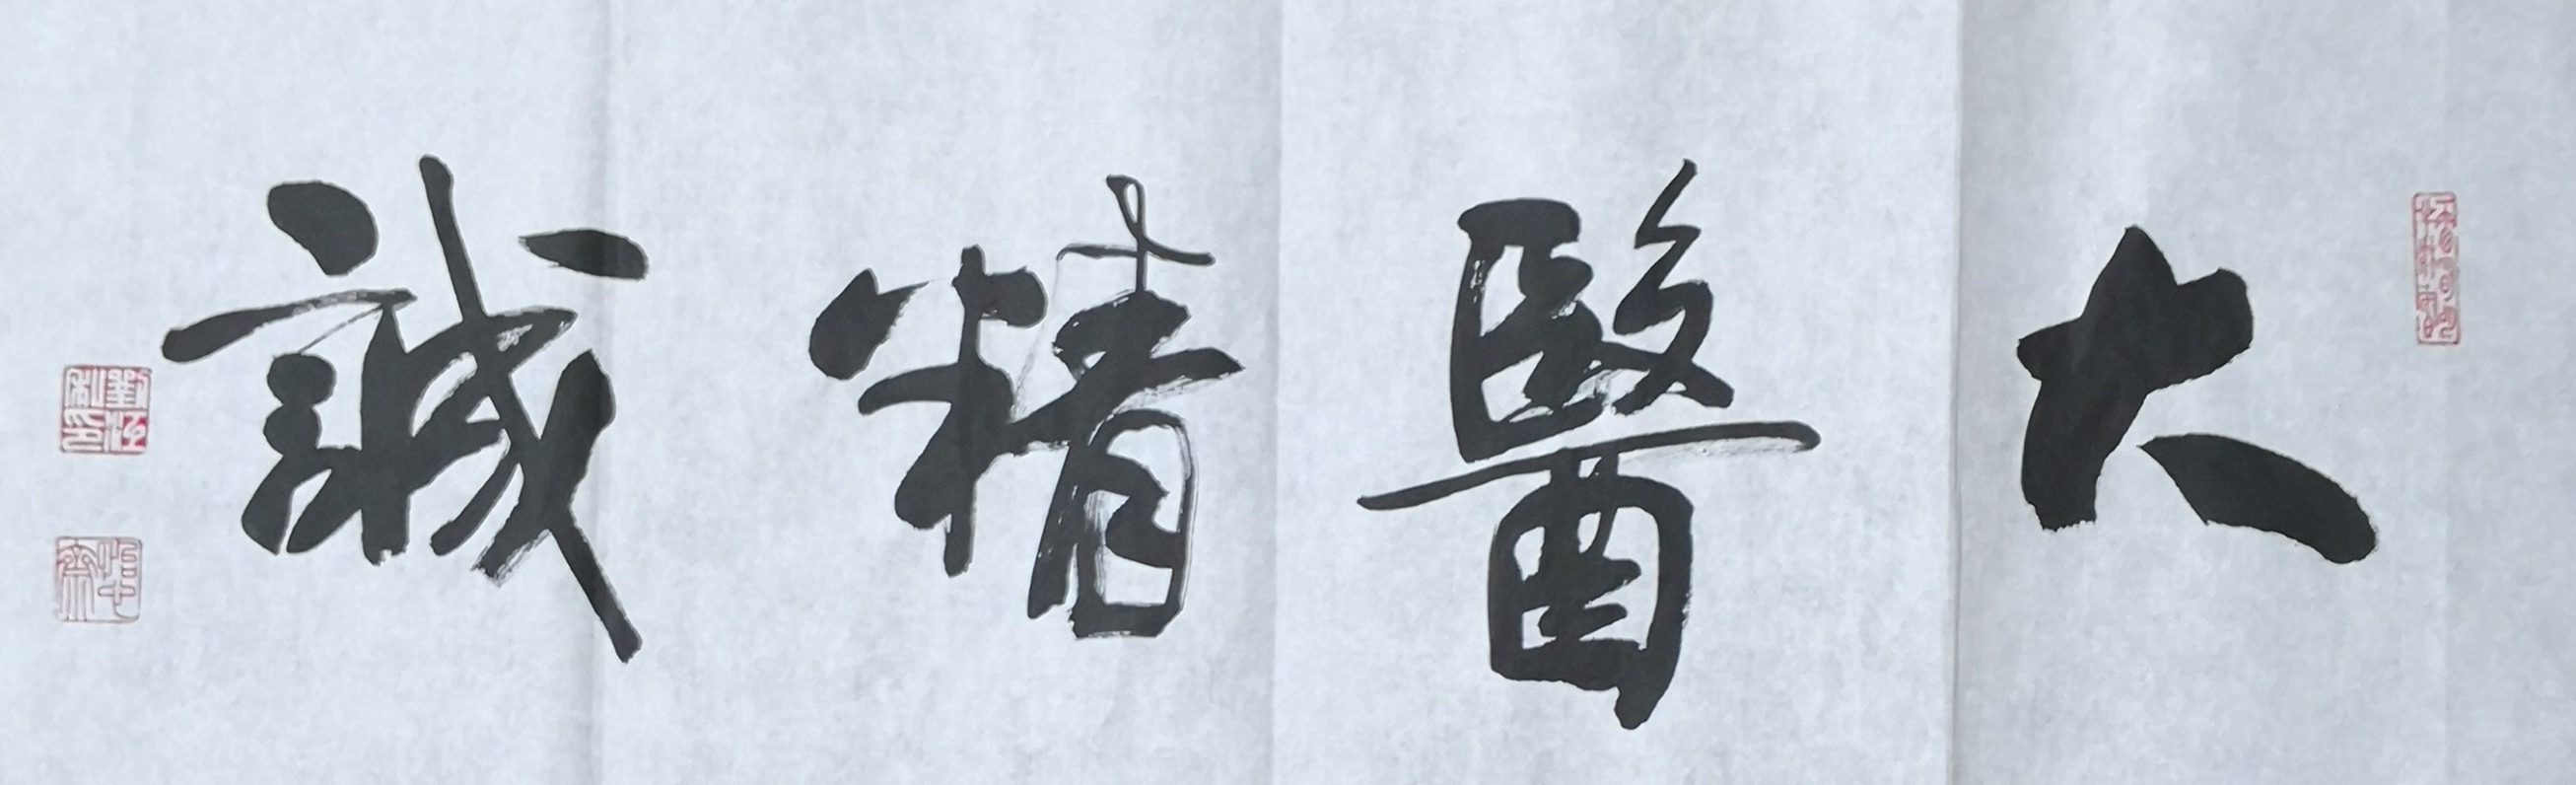 真迹名家刘江作品推荐:书风儒雅,灵动秀美